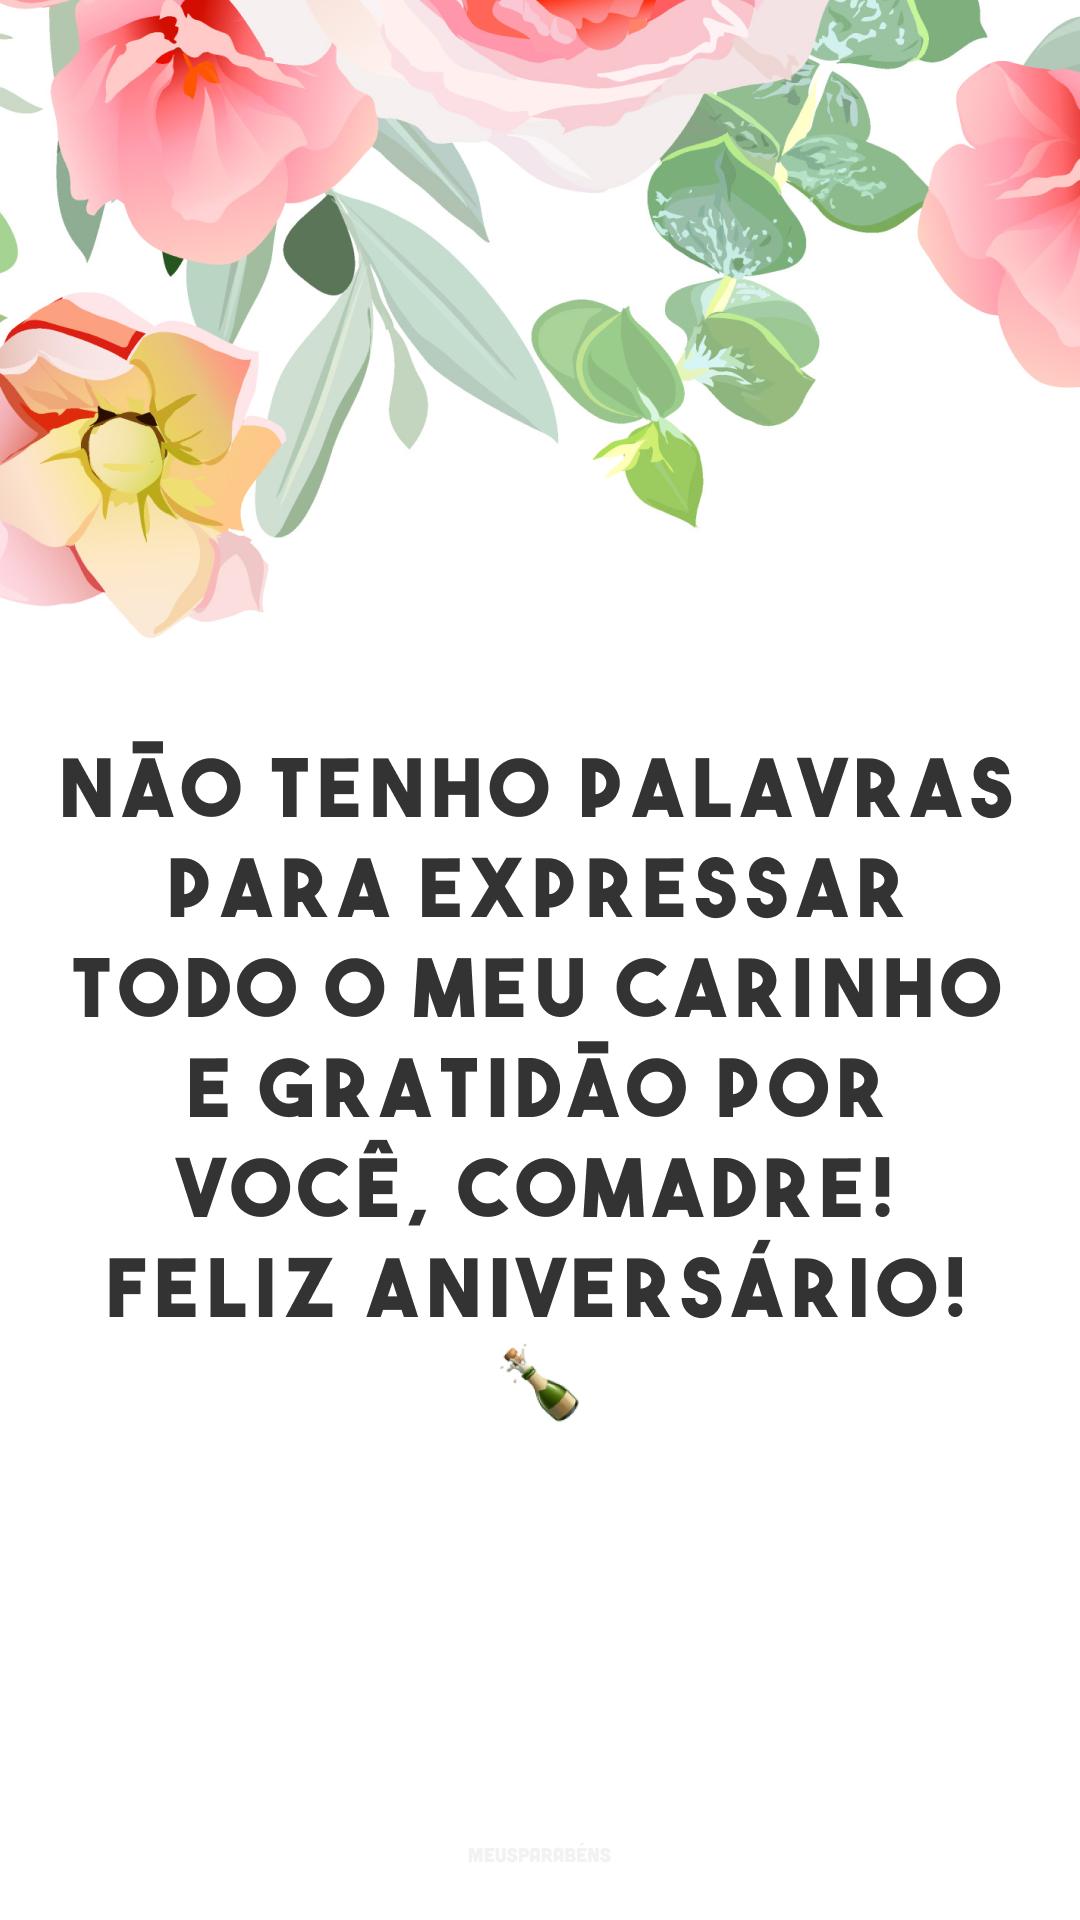 Não tenho palavras para expressar todo o meu carinho e gratidão por você, comadre! Feliz aniversário! ?